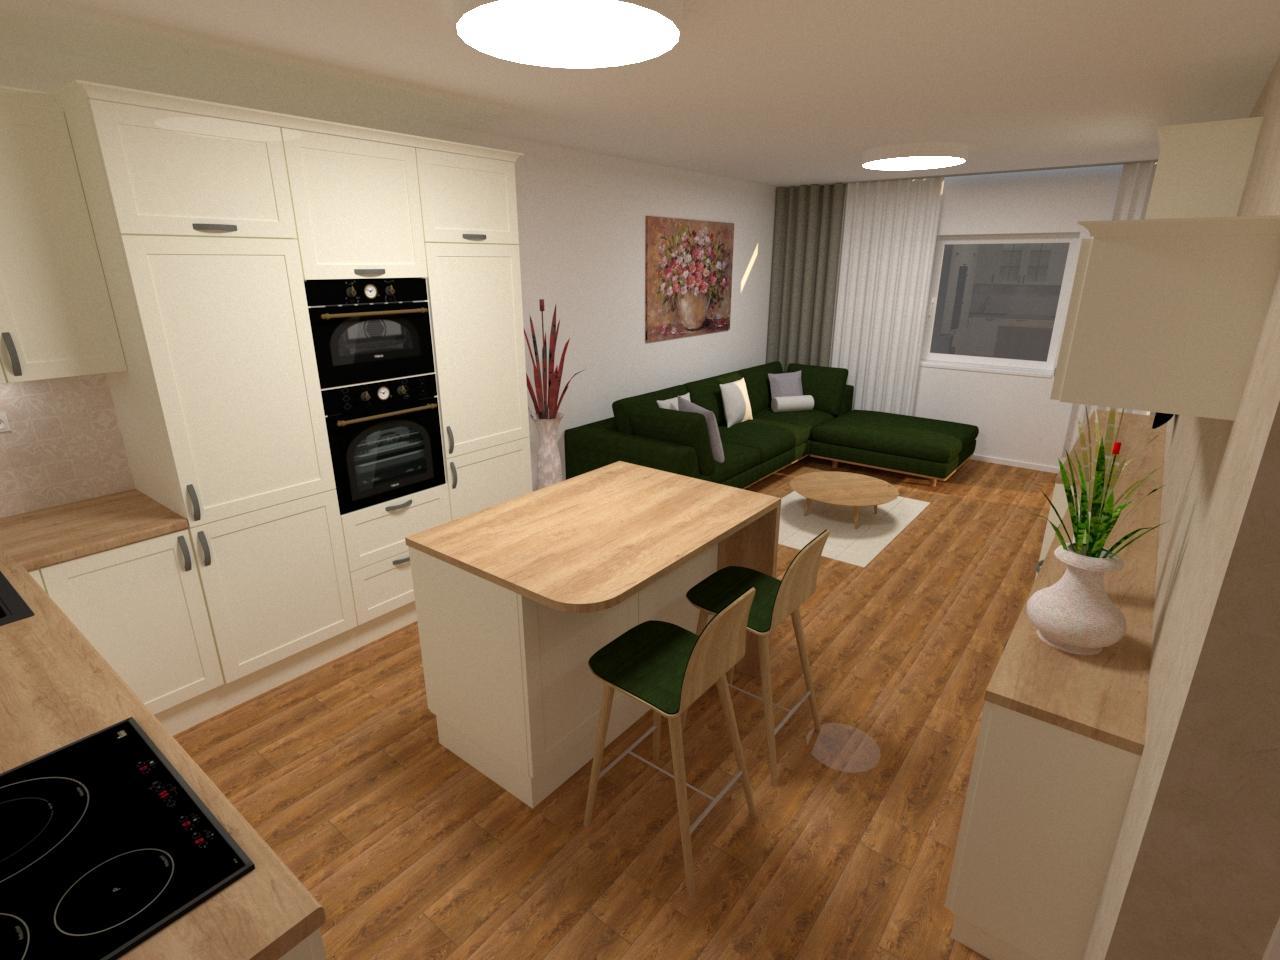 Grafické návrhy kuchynských liniek 2020 - Grafický návrh kuchynskej linky v bytovej novostavbe vo vidieckom štýle - obr.4